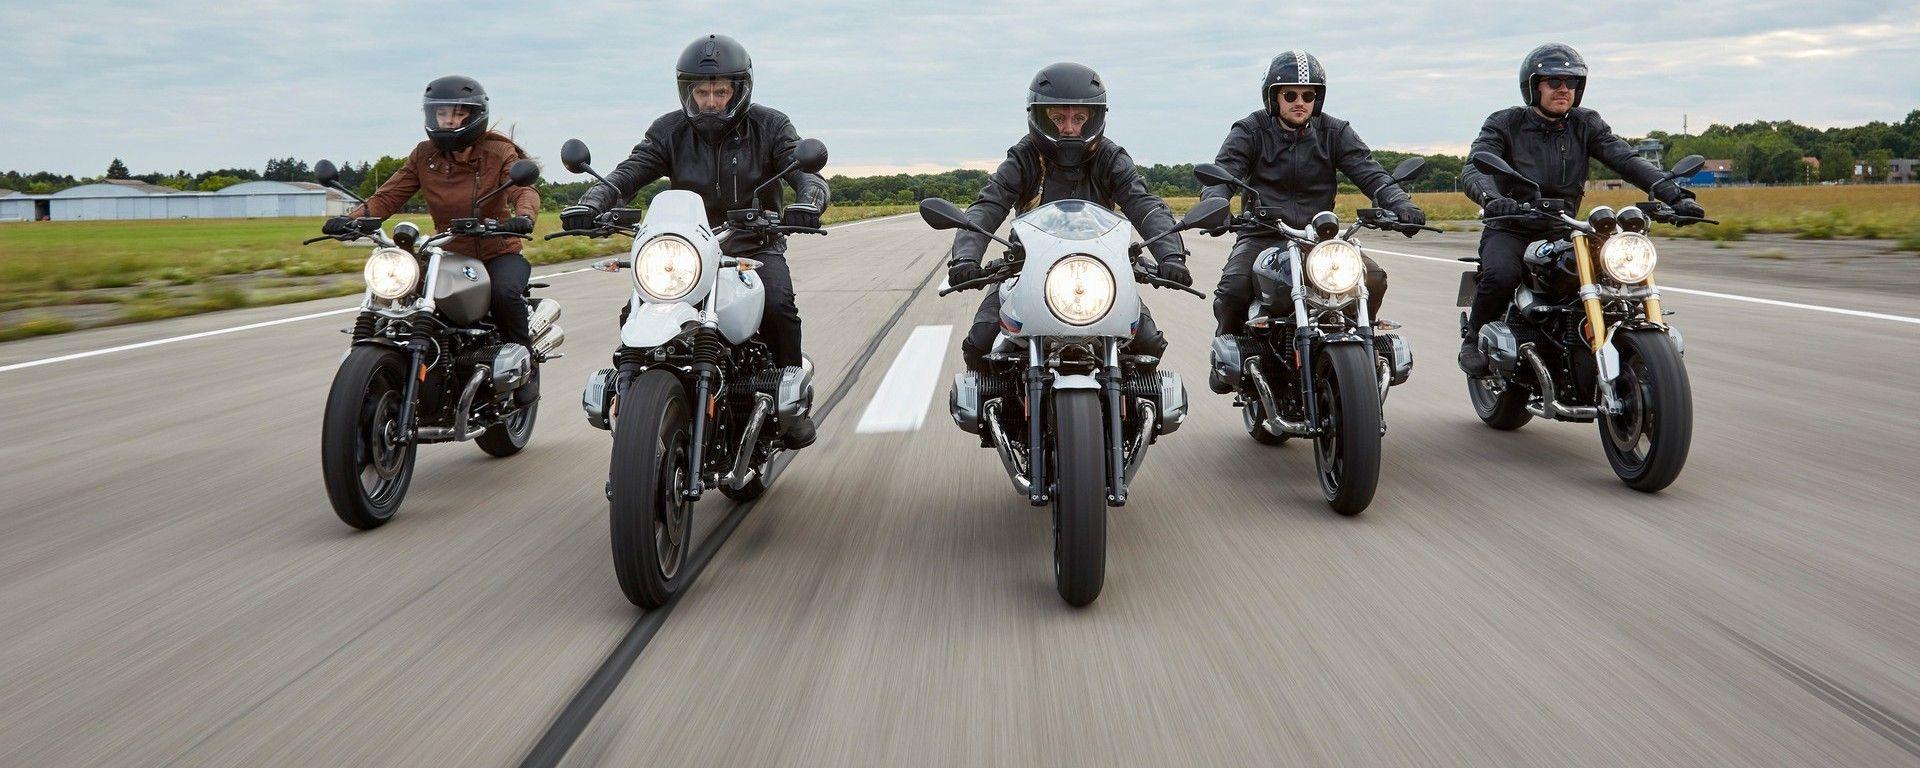 BMW sarà presente per il quinto anno consecutivo al MotorBike Expo